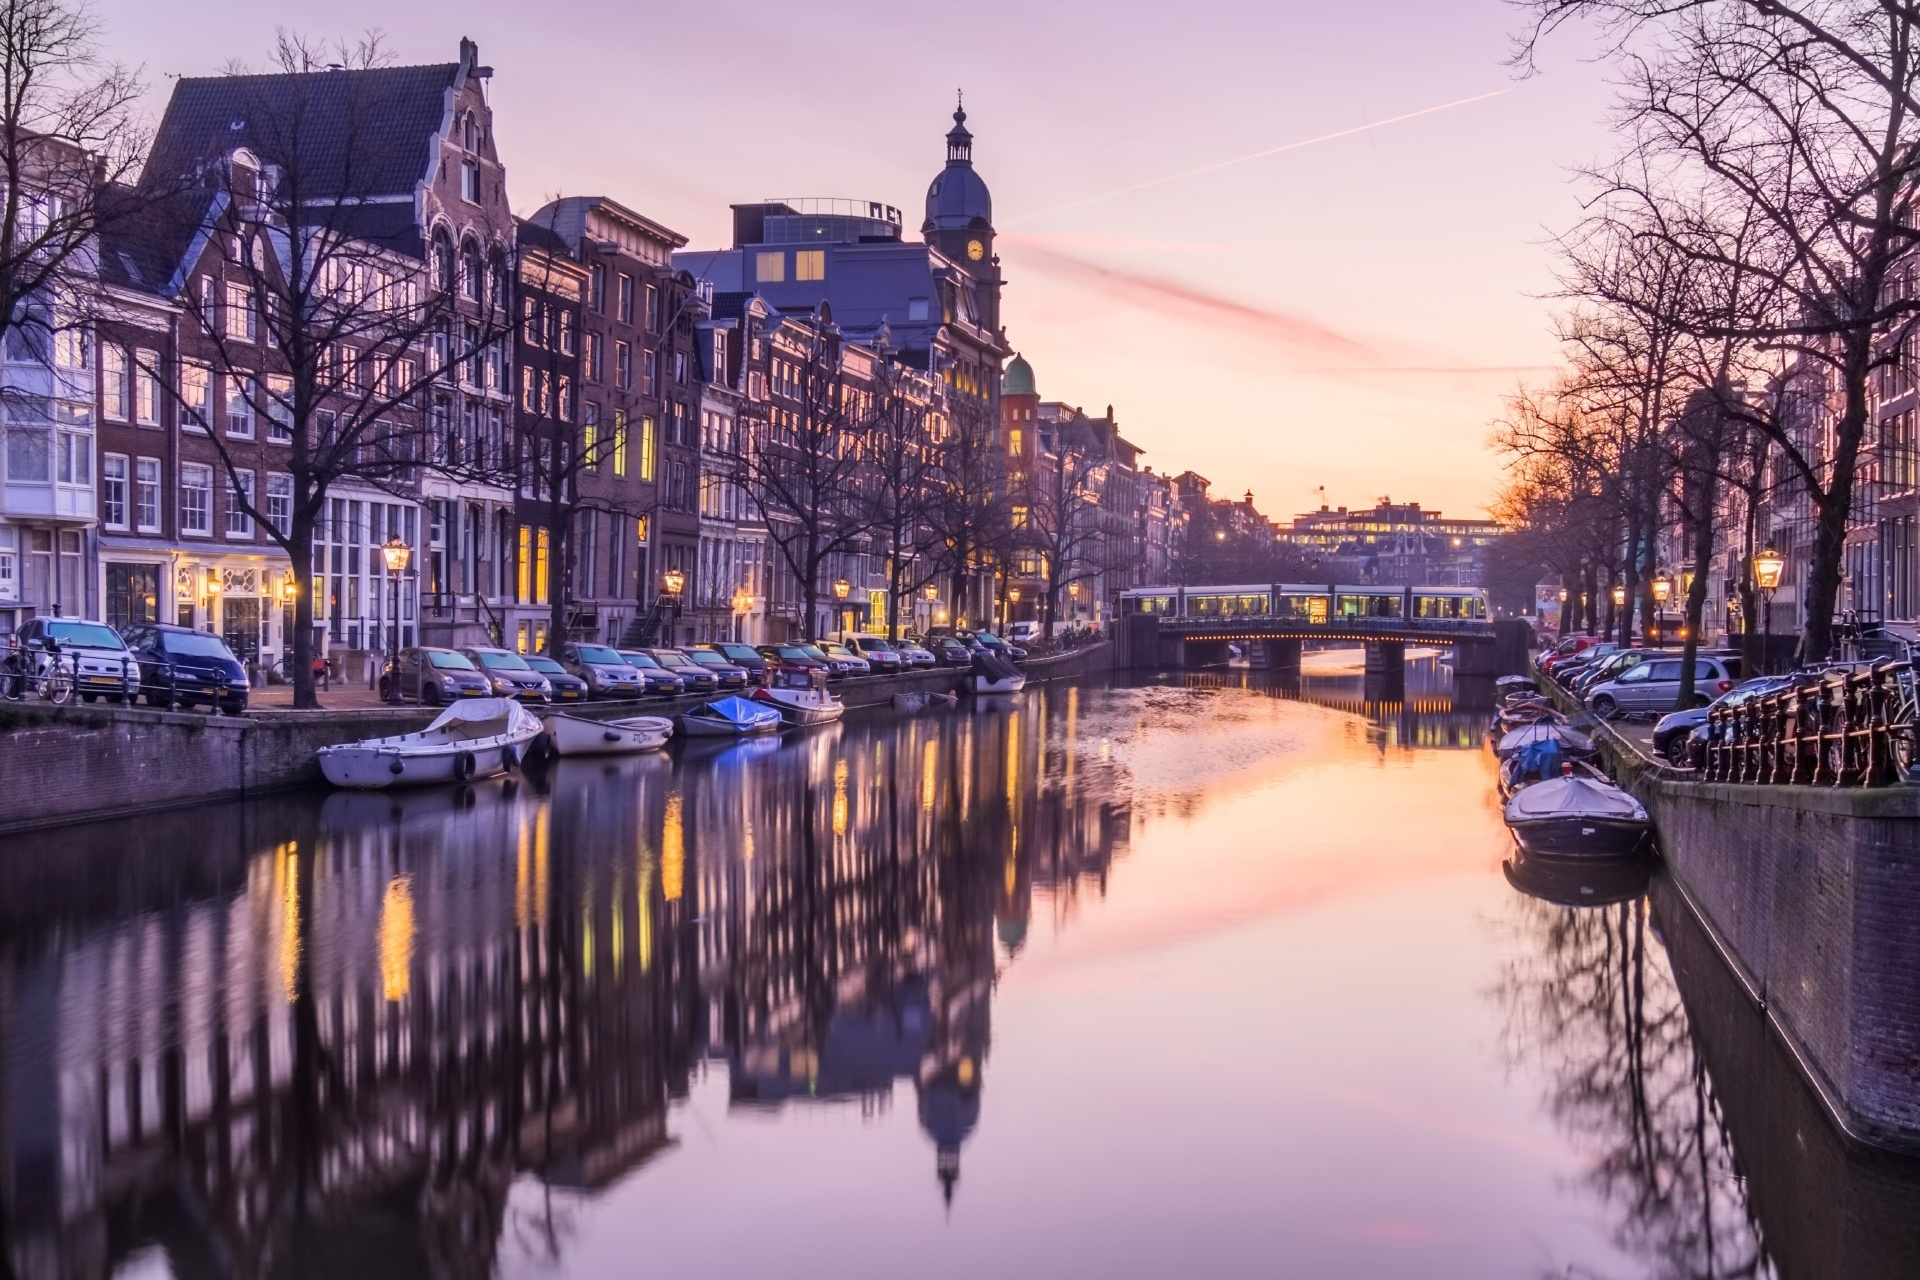 オランダ アムステルダム 朝のカイゼルスグラハト運河 オランダの風景